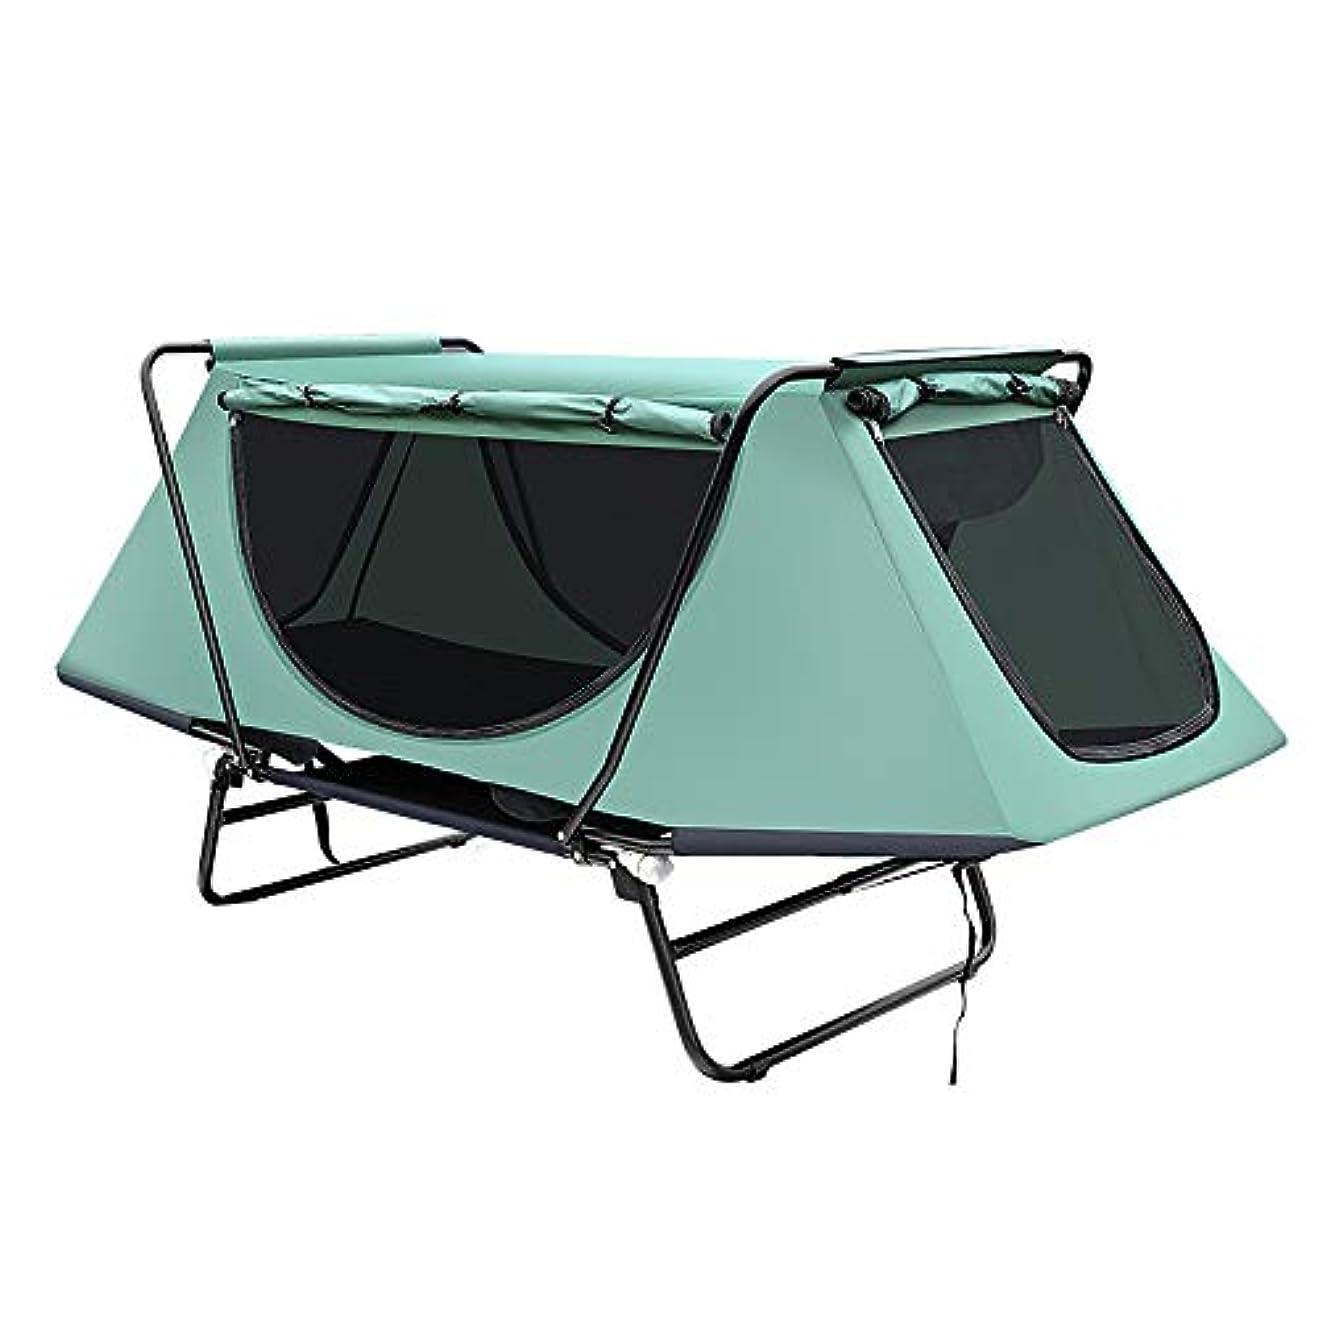 素晴らしい農学規則性XBR免許証は、多機能の個人の人々のために床防水と冷房外休憩折り钓鱼屋上顶用地価(深緑色)を構築します。